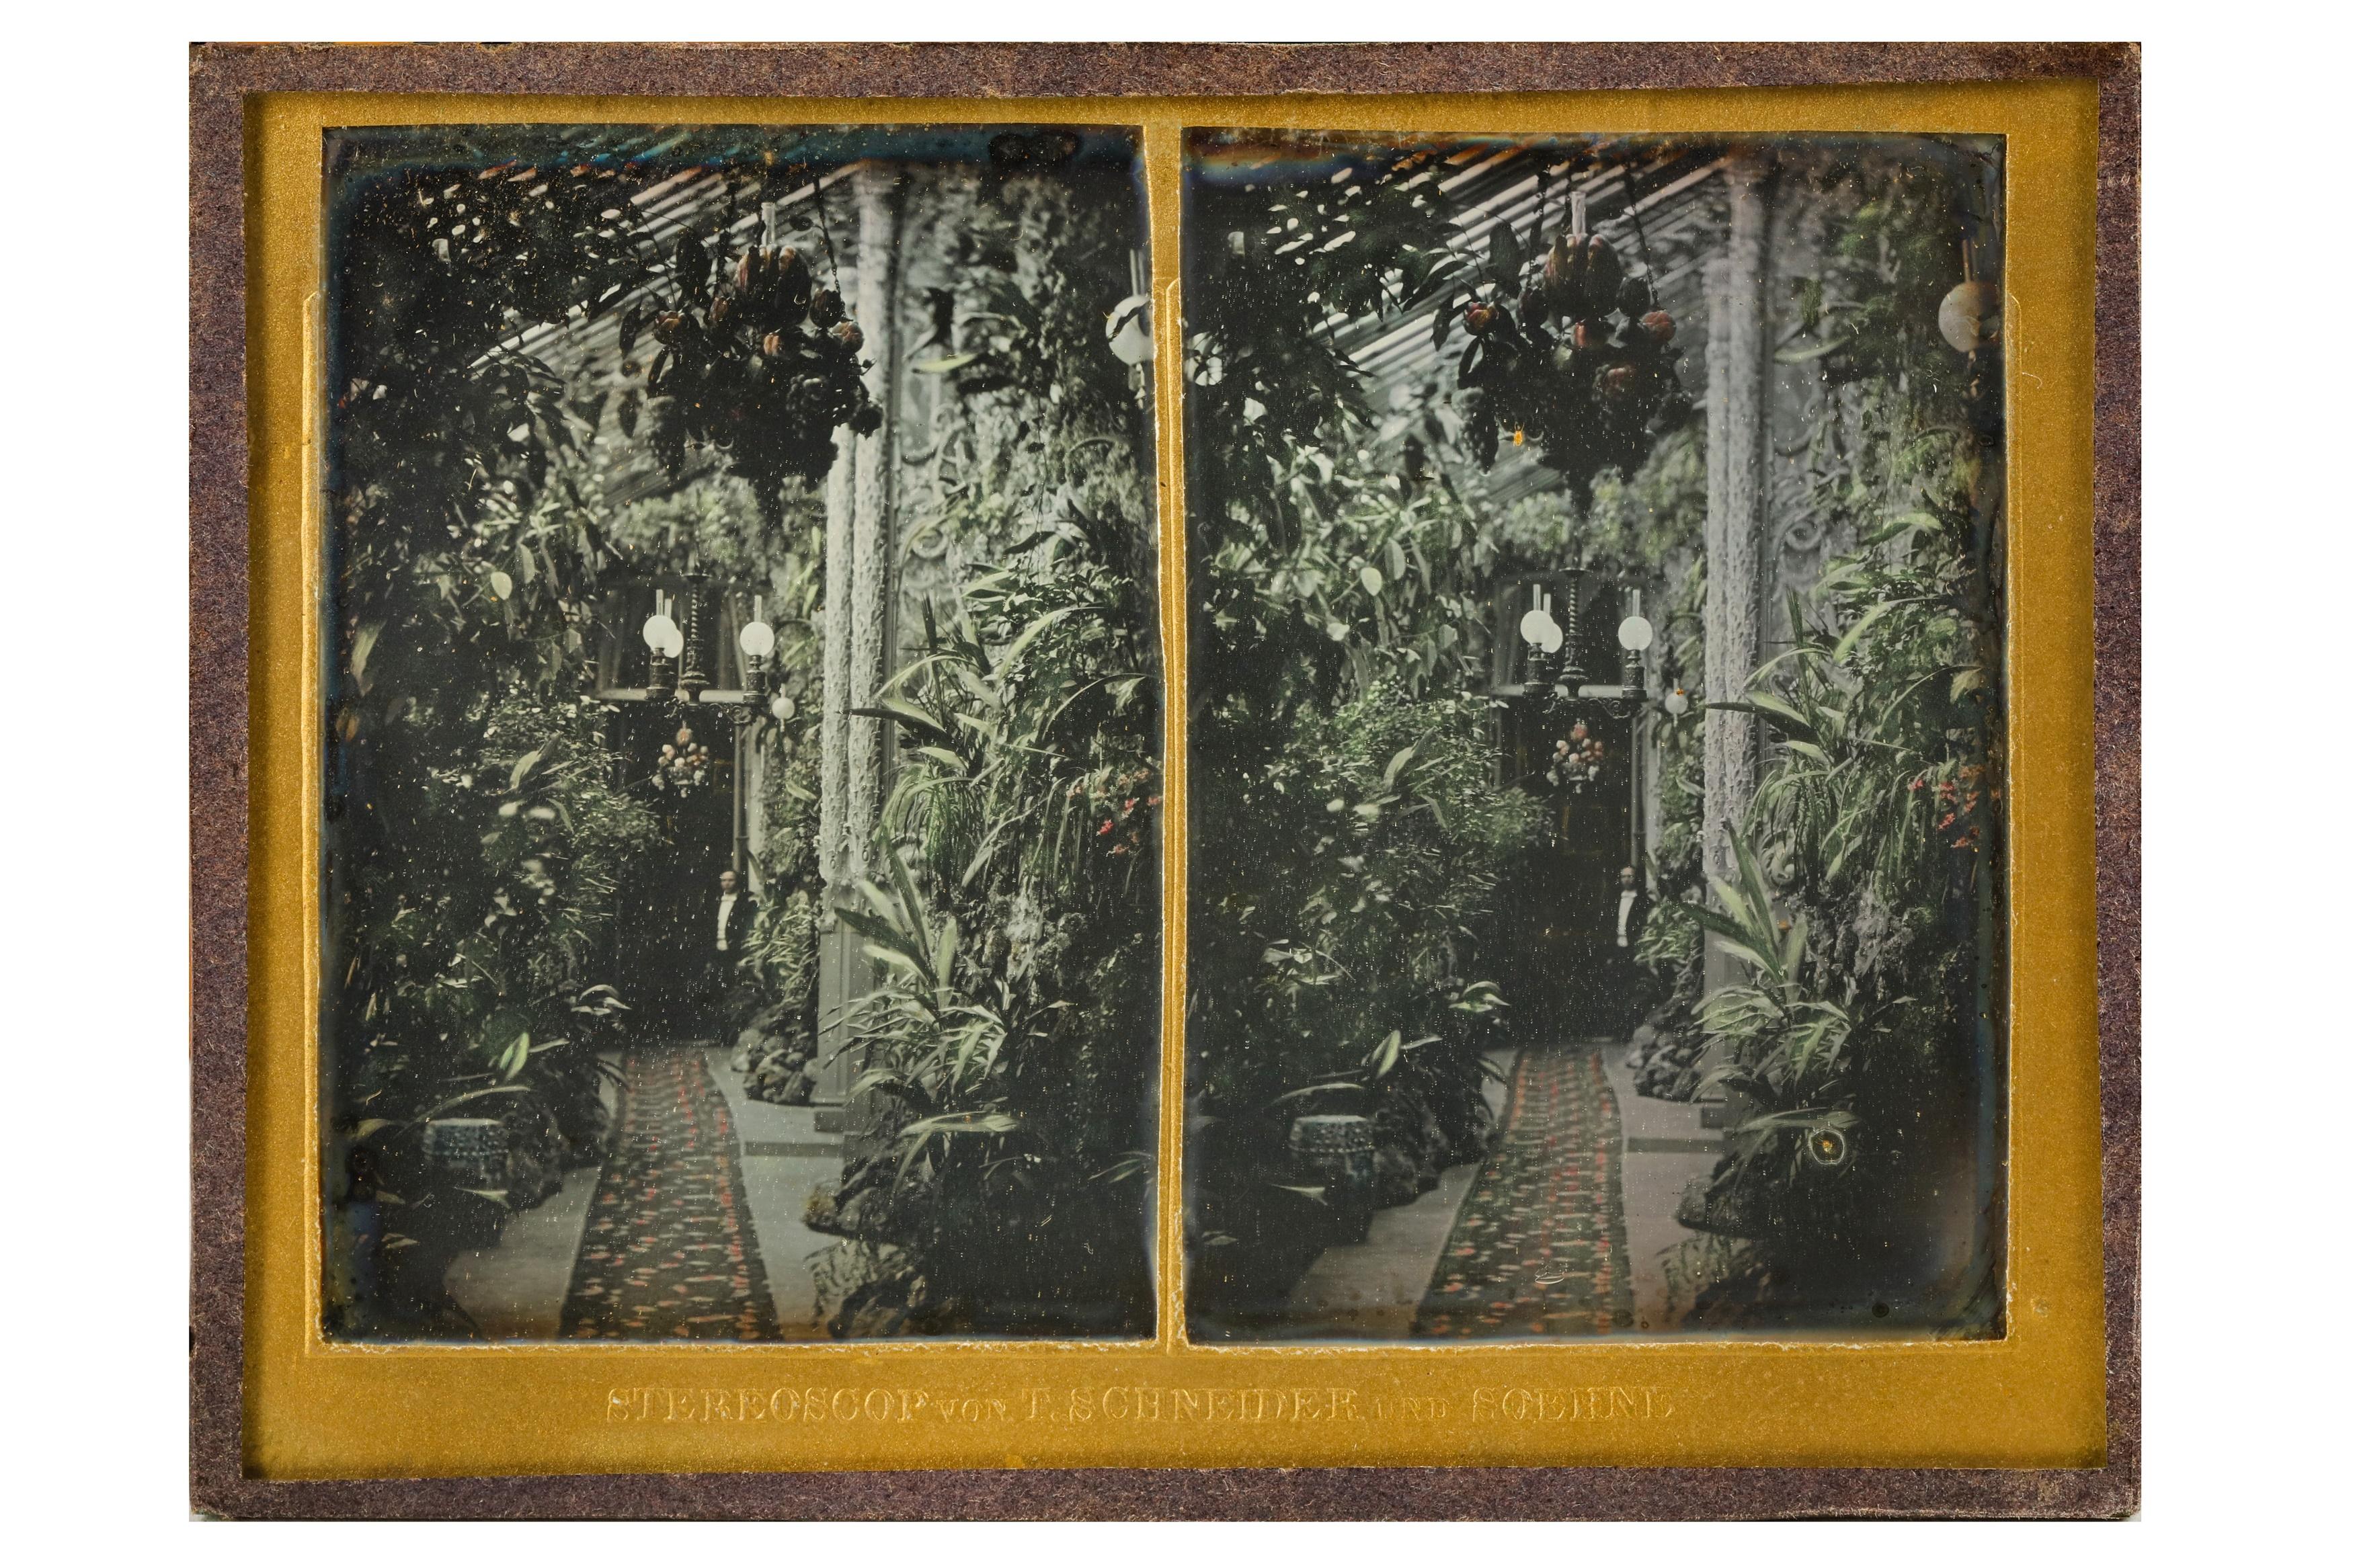 T. SCHNEIDER & SONS (1847-1921) - Image 10 of 22